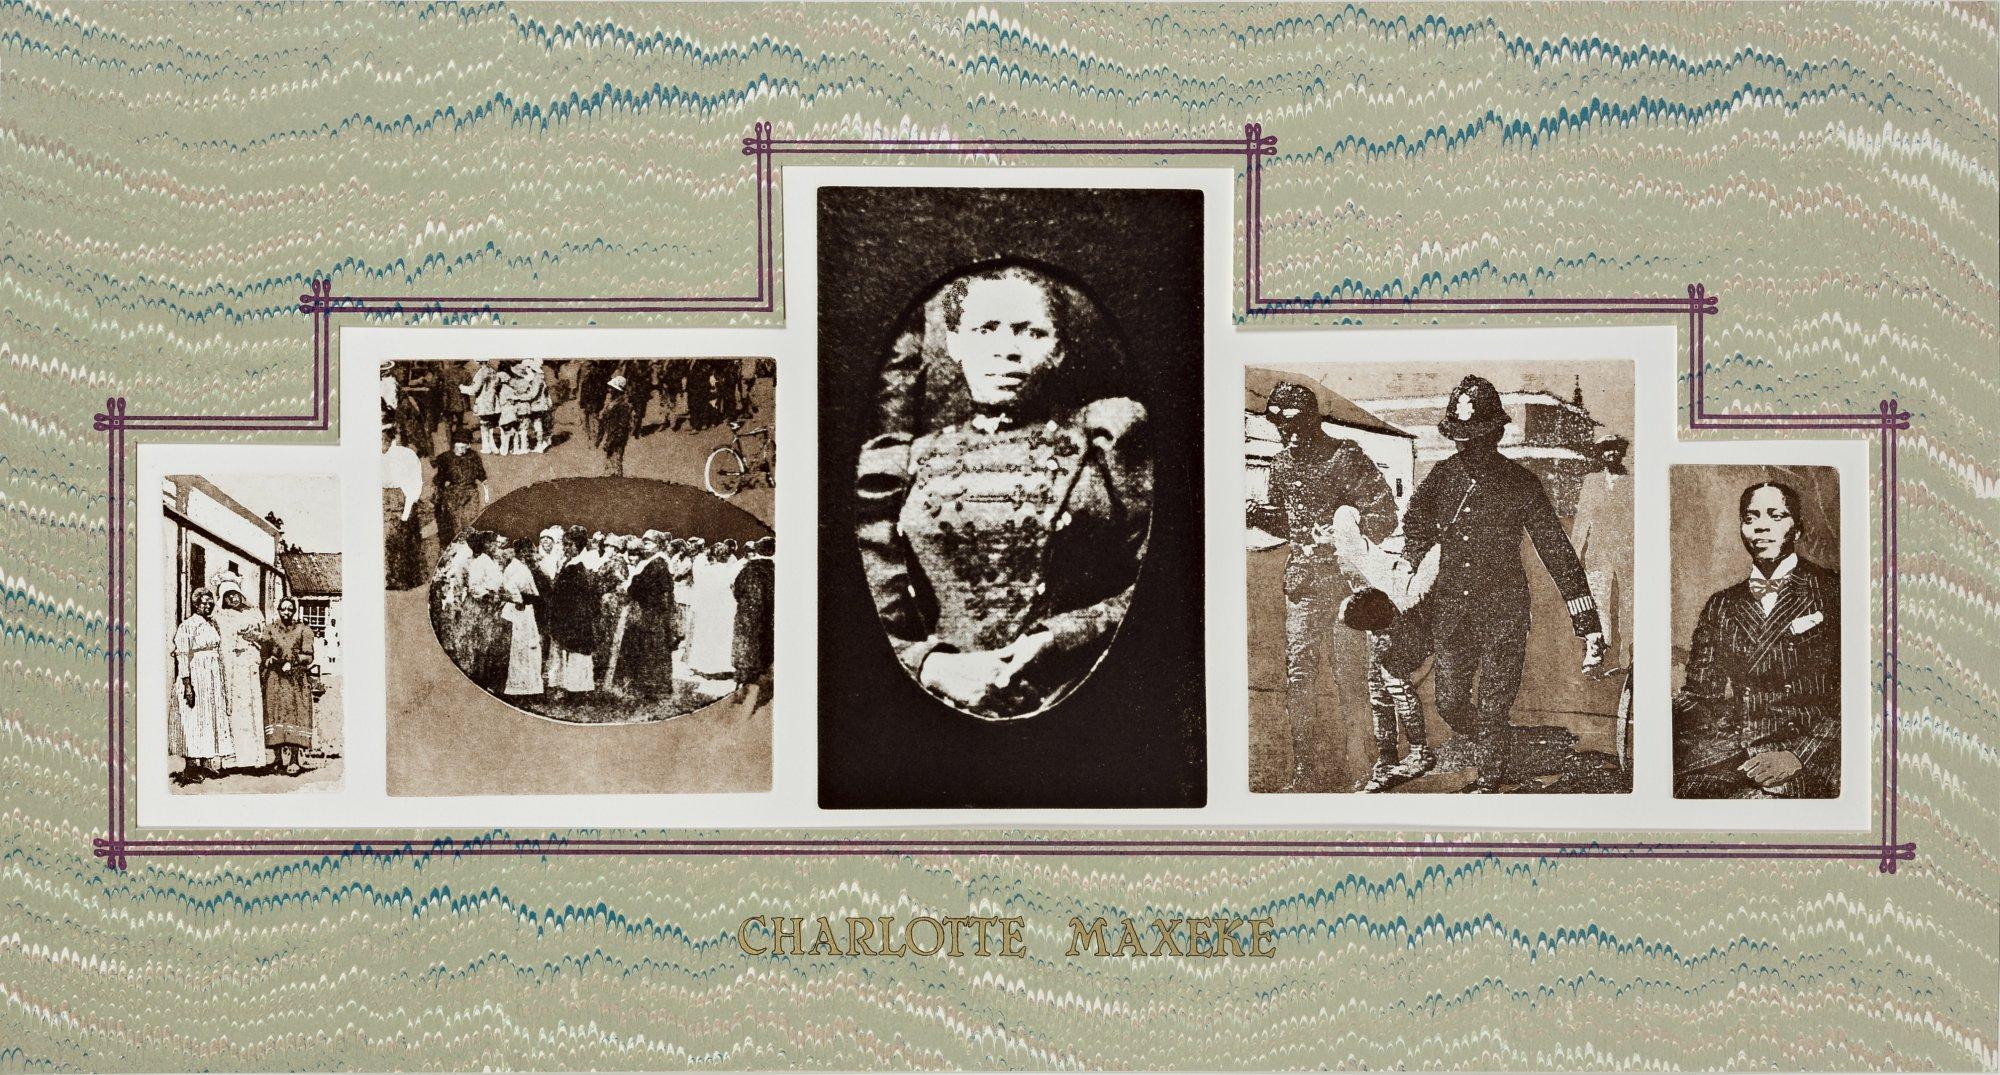 Sue Williamson Charlotte Maxeke, 1984 Série A few South Africans (1983-1987) Photogravure, collage sérigraphique, 56 x 96 cm Courtesy de l'artiste et de la Goodman Gallery